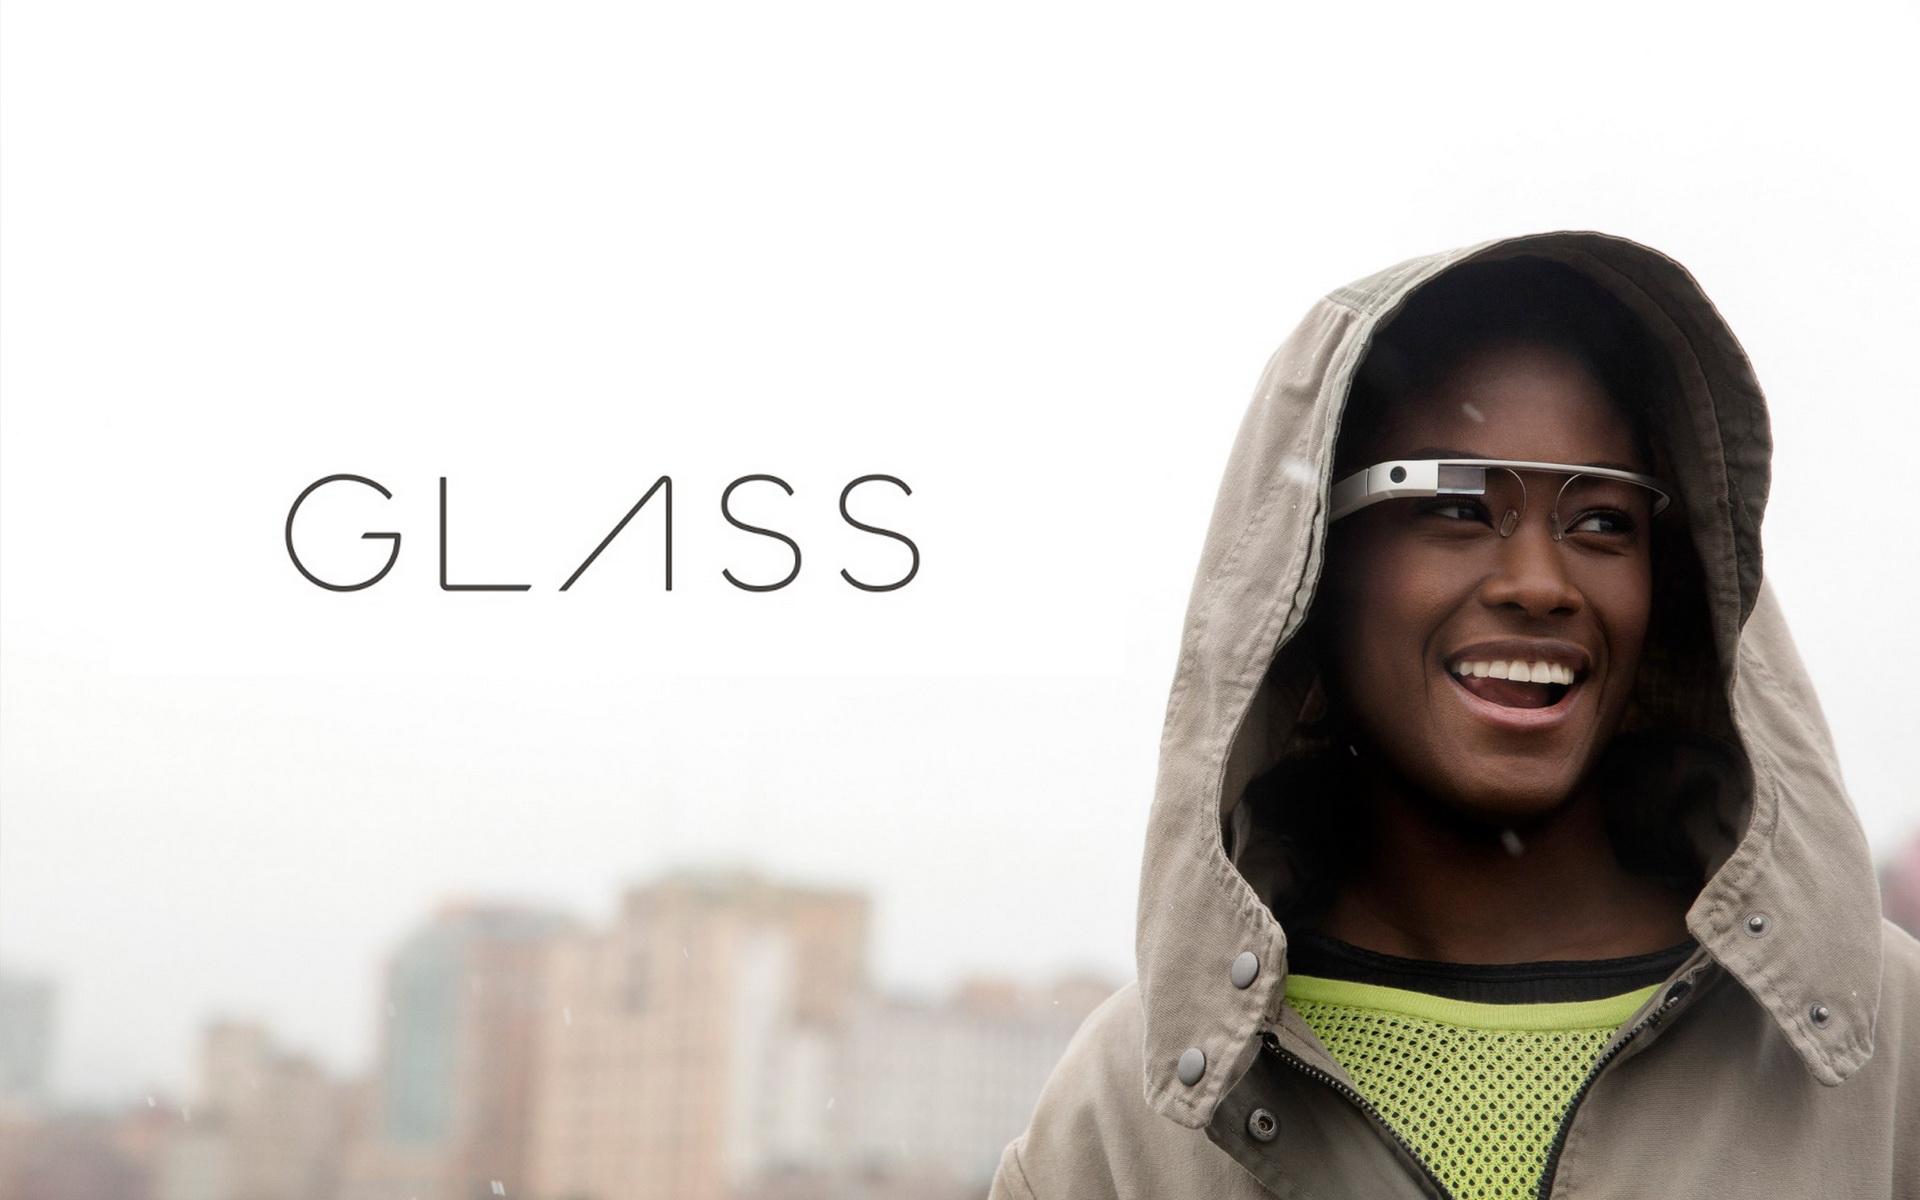 Primi problemi legati alla privacy per i Google Glass